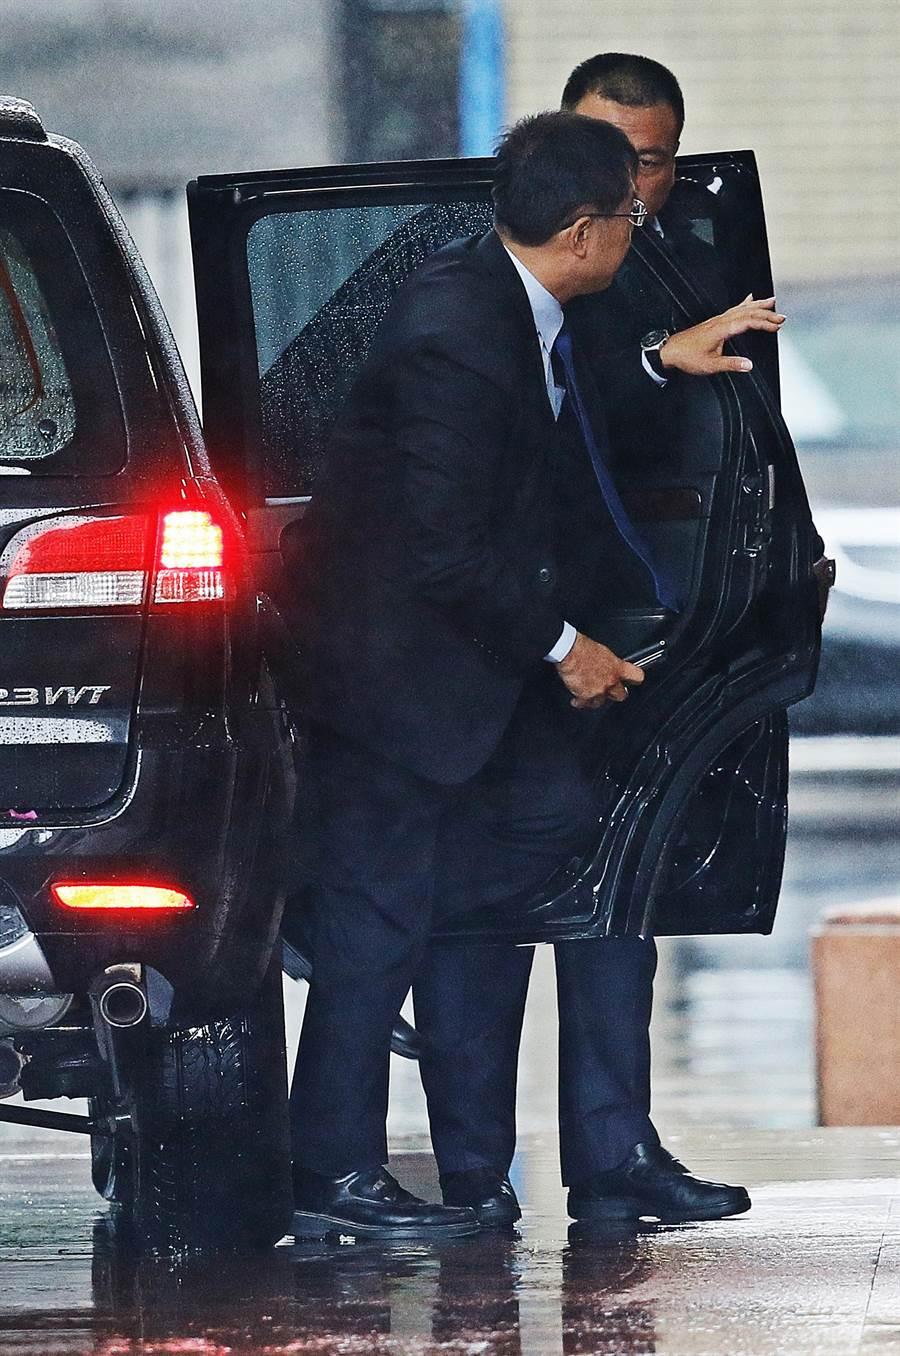 九合一大選後6都新任市長27日首次出席行政院院會,台南市長黃偉哲下車步入行政院。(圖/張鎧乙攝)